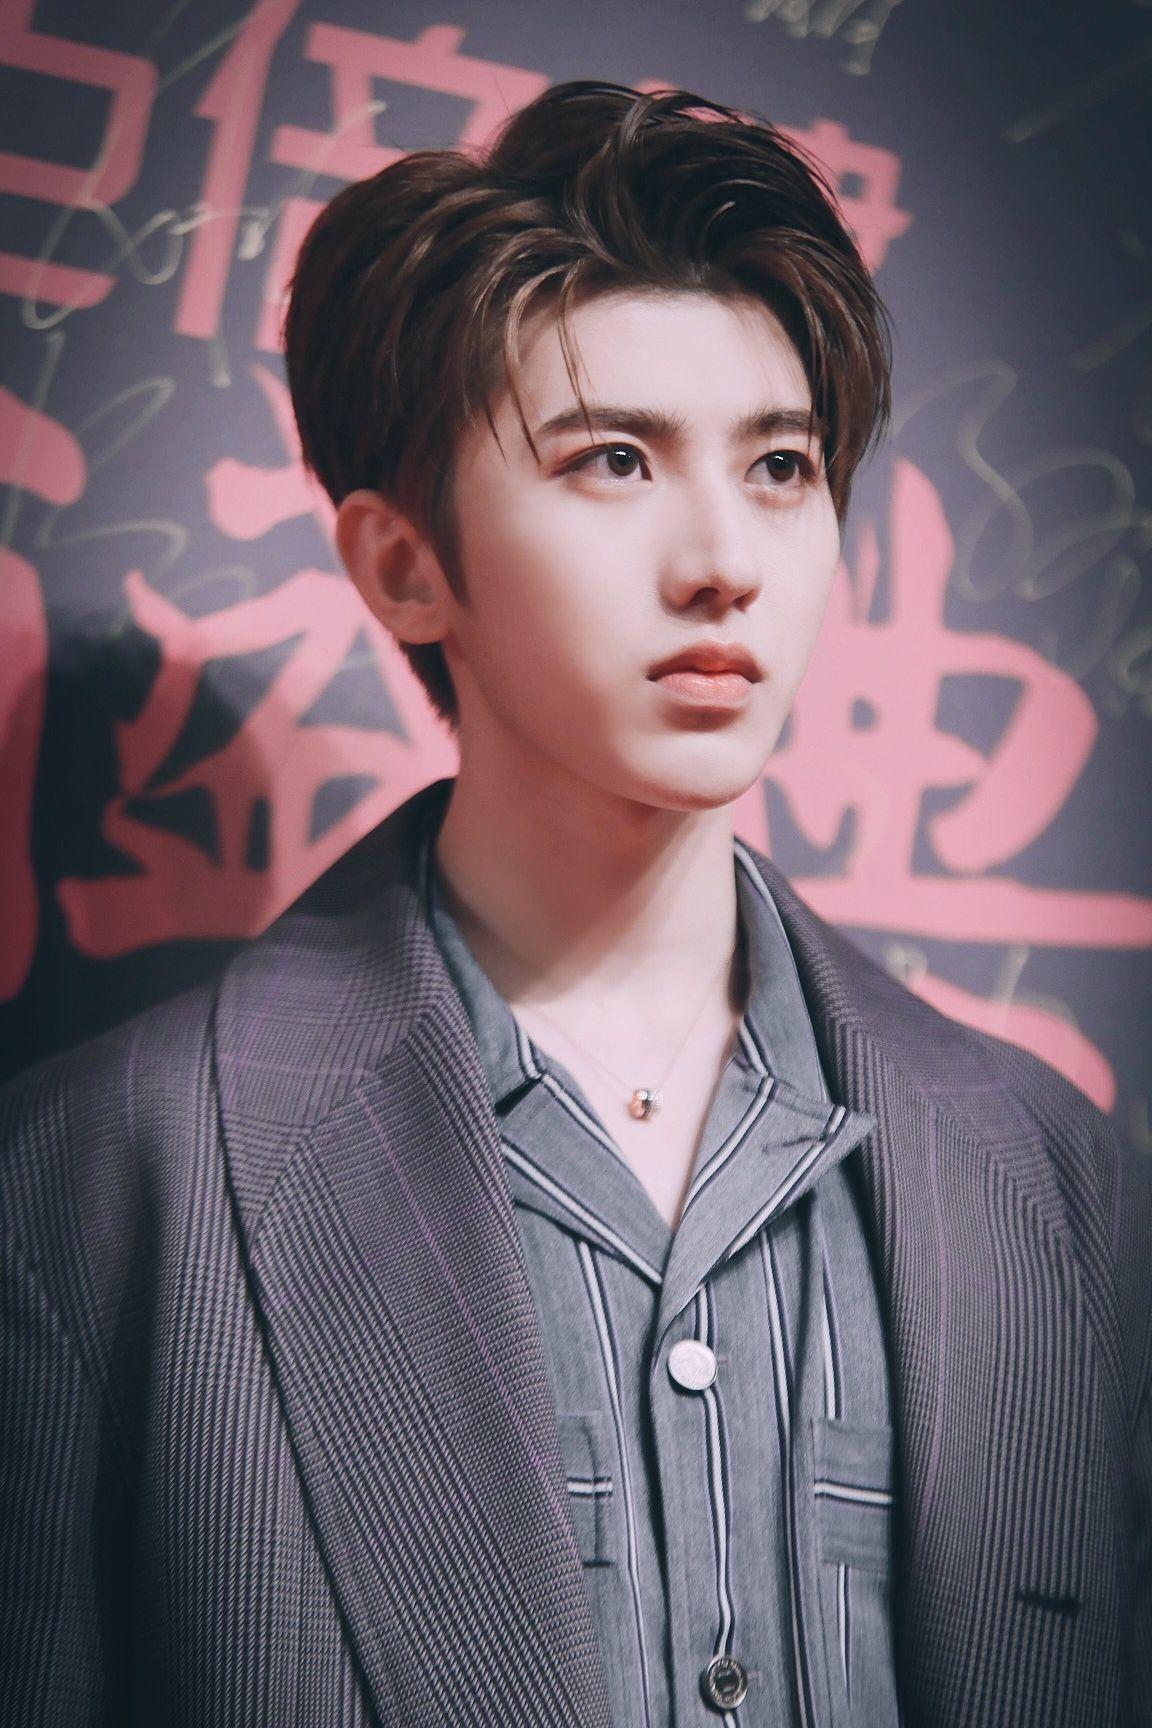 Cai Xukun Actors, Singer, Handsome